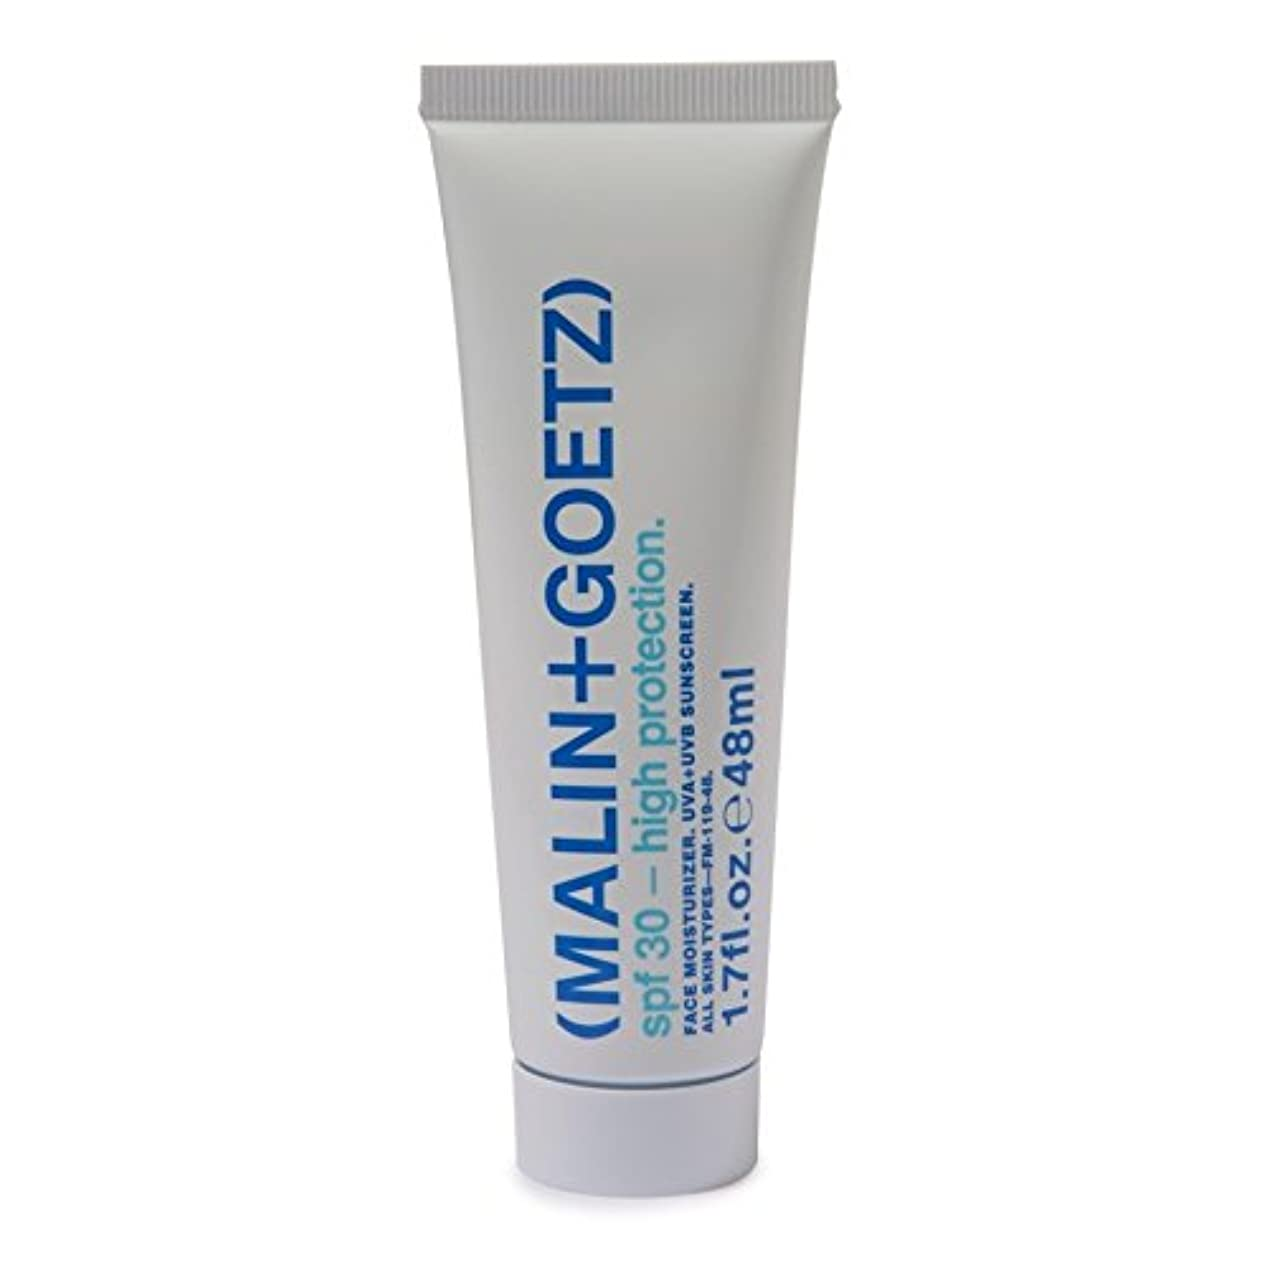 昼食テクトニックビルマリン+ゲッツ顔の保湿剤の 30 48ミリリットル x2 - MALIN+GOETZ Face Moisturiser SPF 30 48ml (Pack of 2) [並行輸入品]